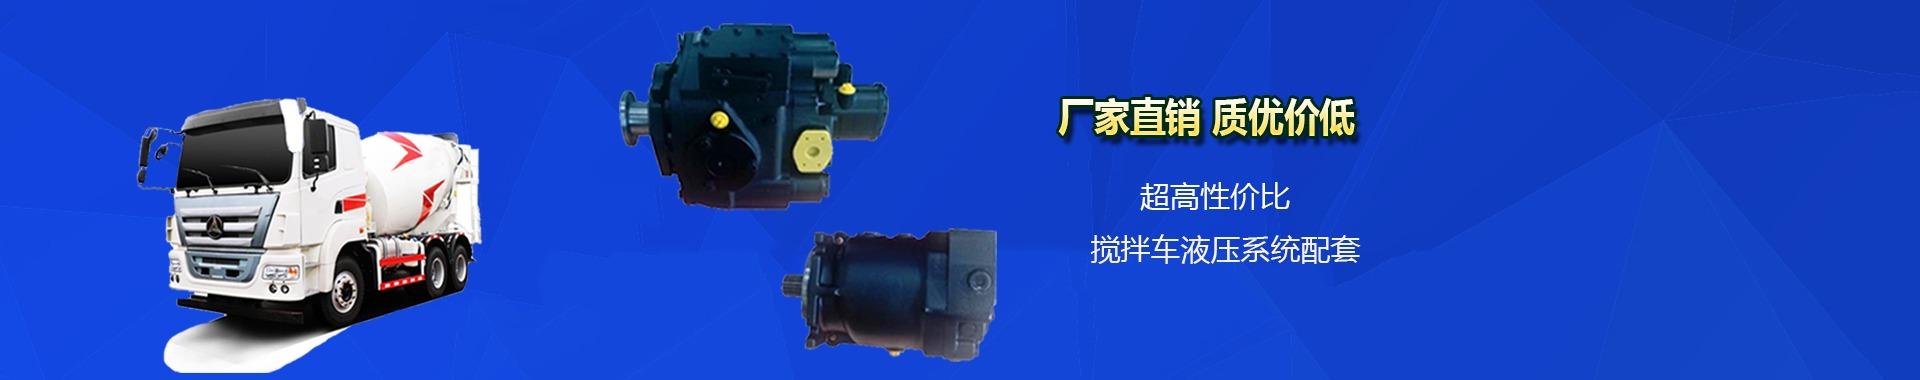 搅拌车液压泵、液压马达配套厂家